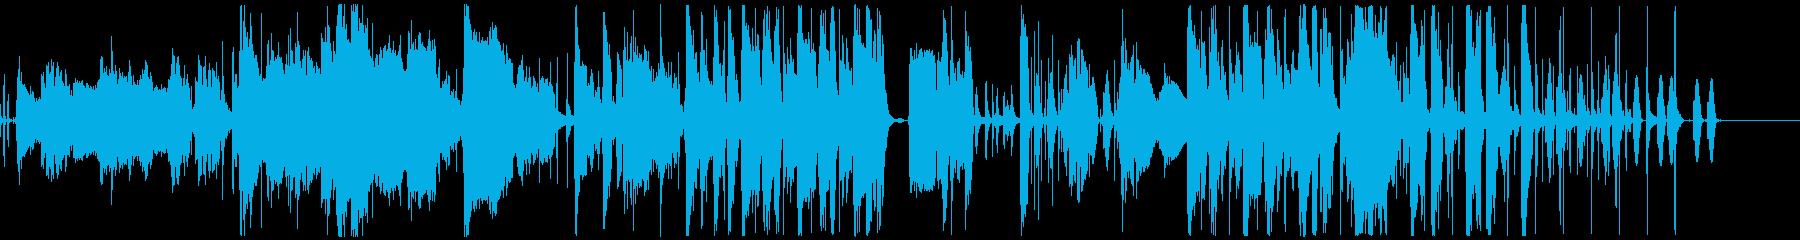 フュージョン ジャズ レトロ さわ...の再生済みの波形